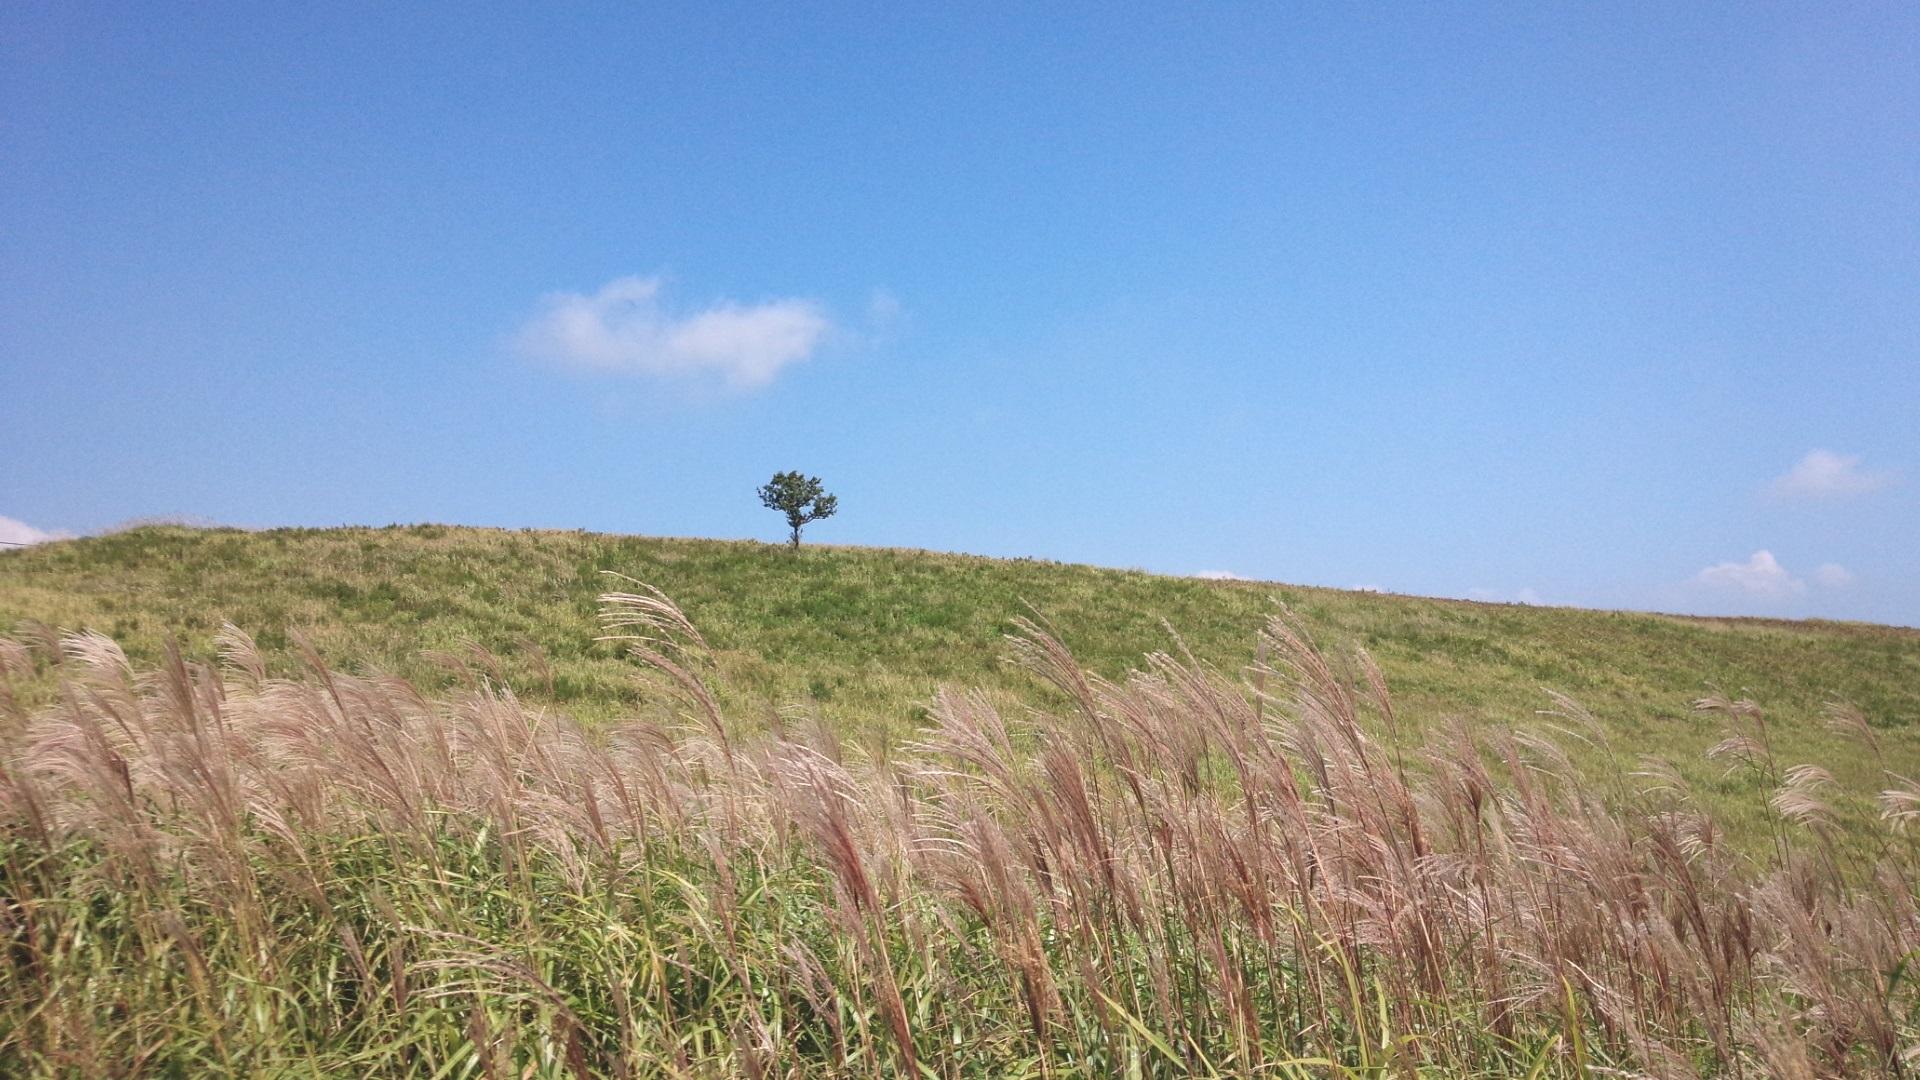 阿蘇の文化的景観 阿蘇北外輪山中央部の草原景観